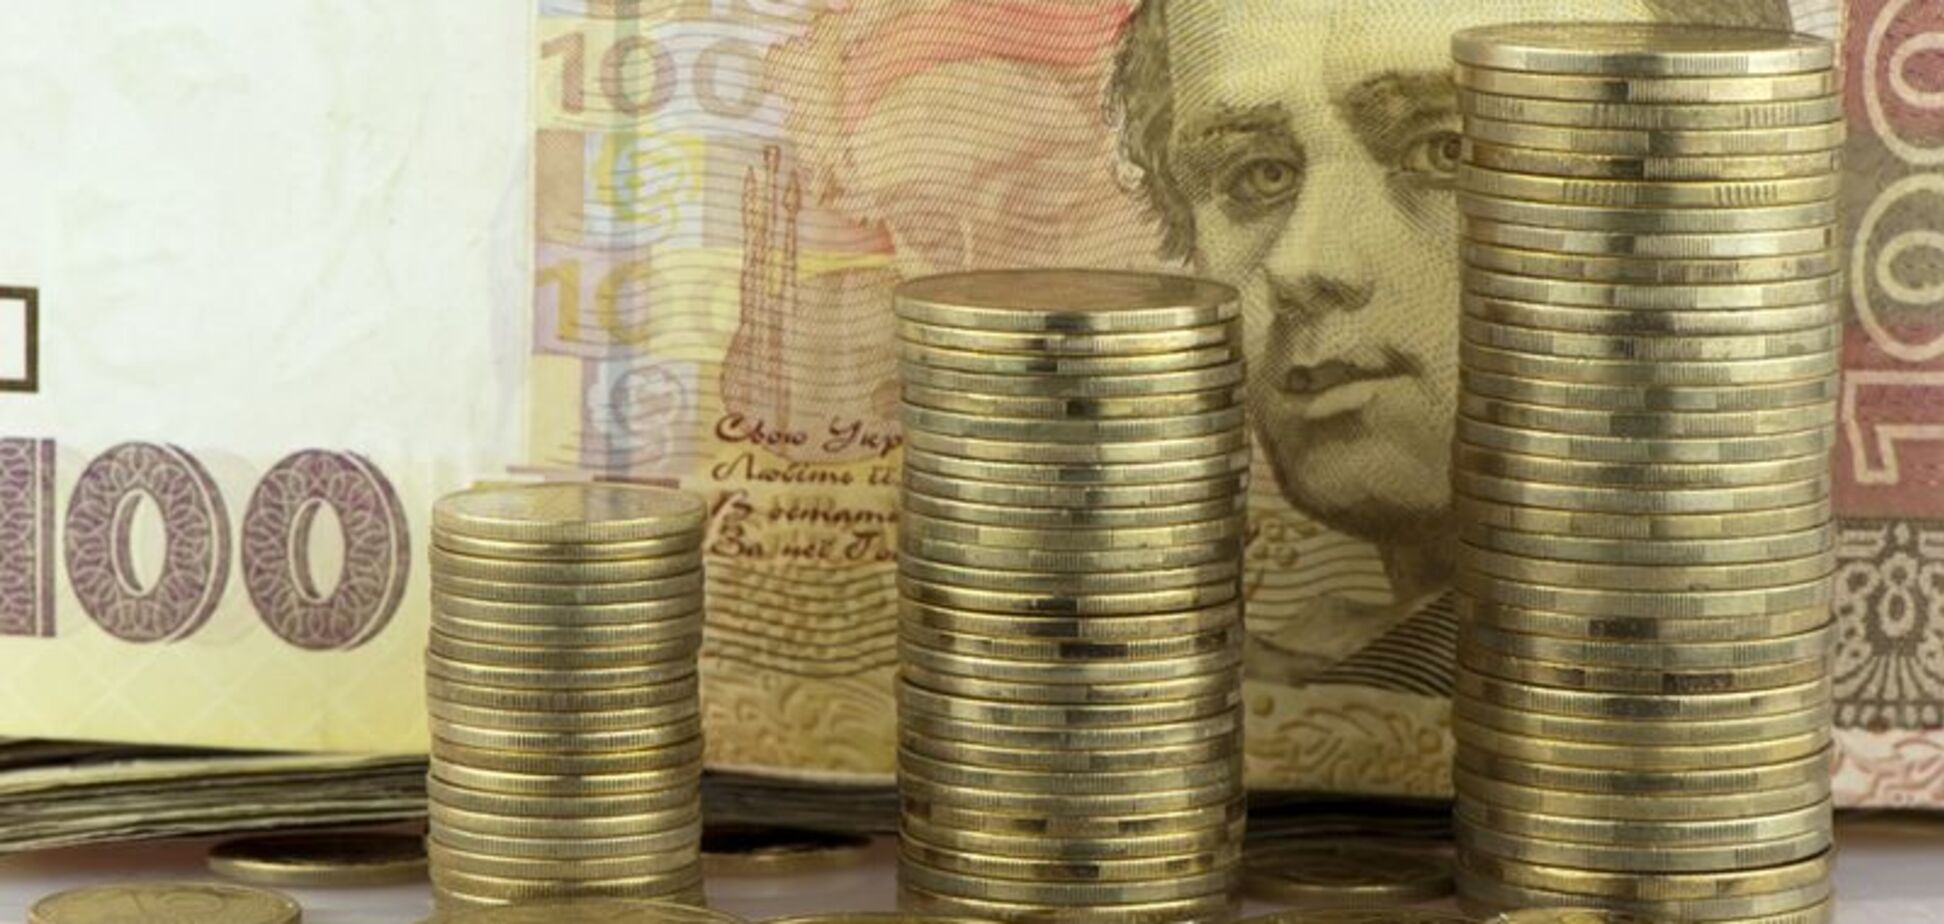 Десятки мільярдів: озвучений збиток для бюджету України від податку на виведений капітал